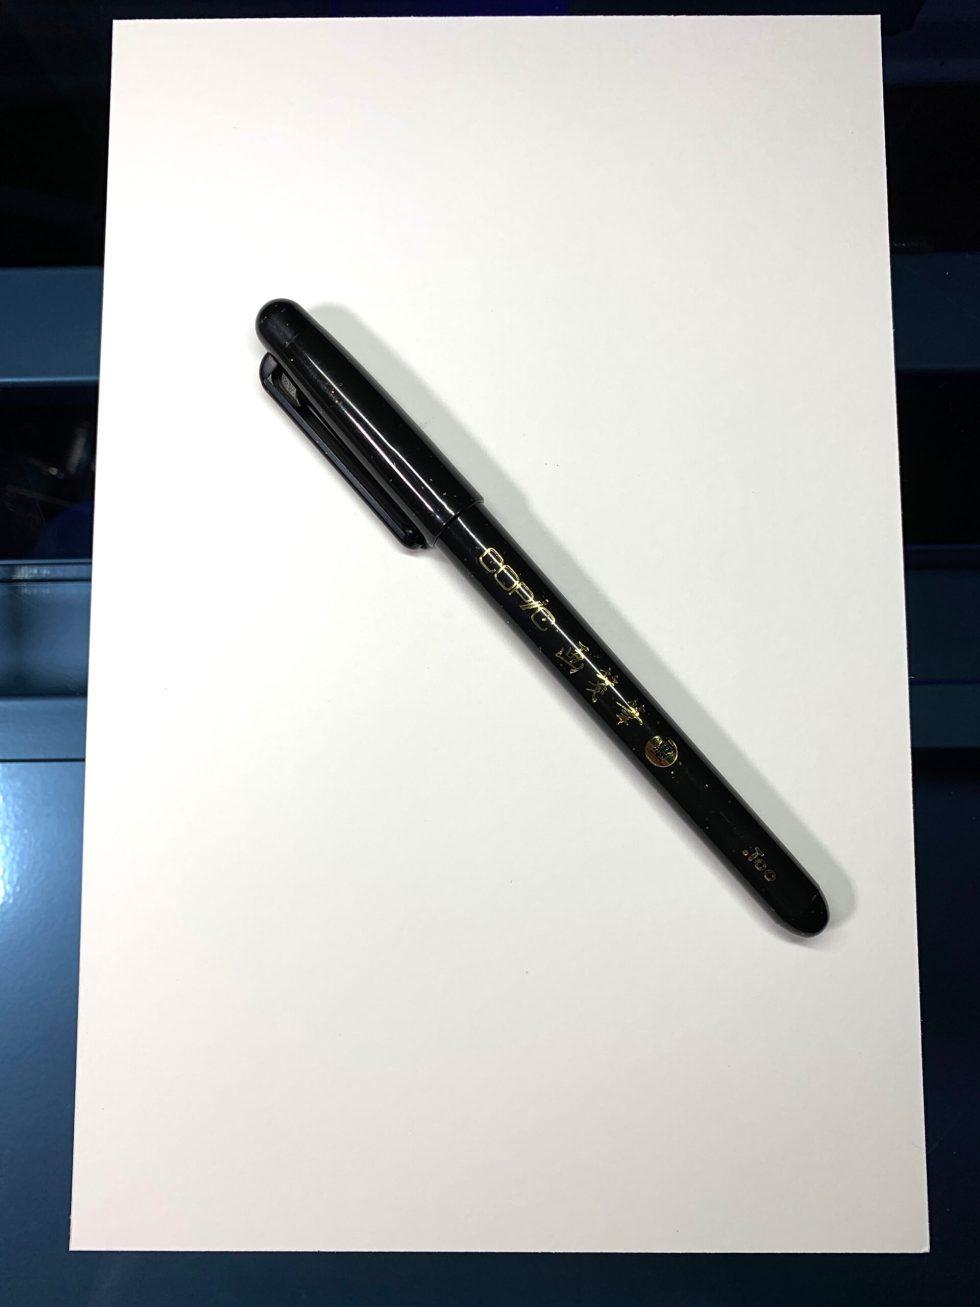 Copic Gasenfude Brush Pen image 1